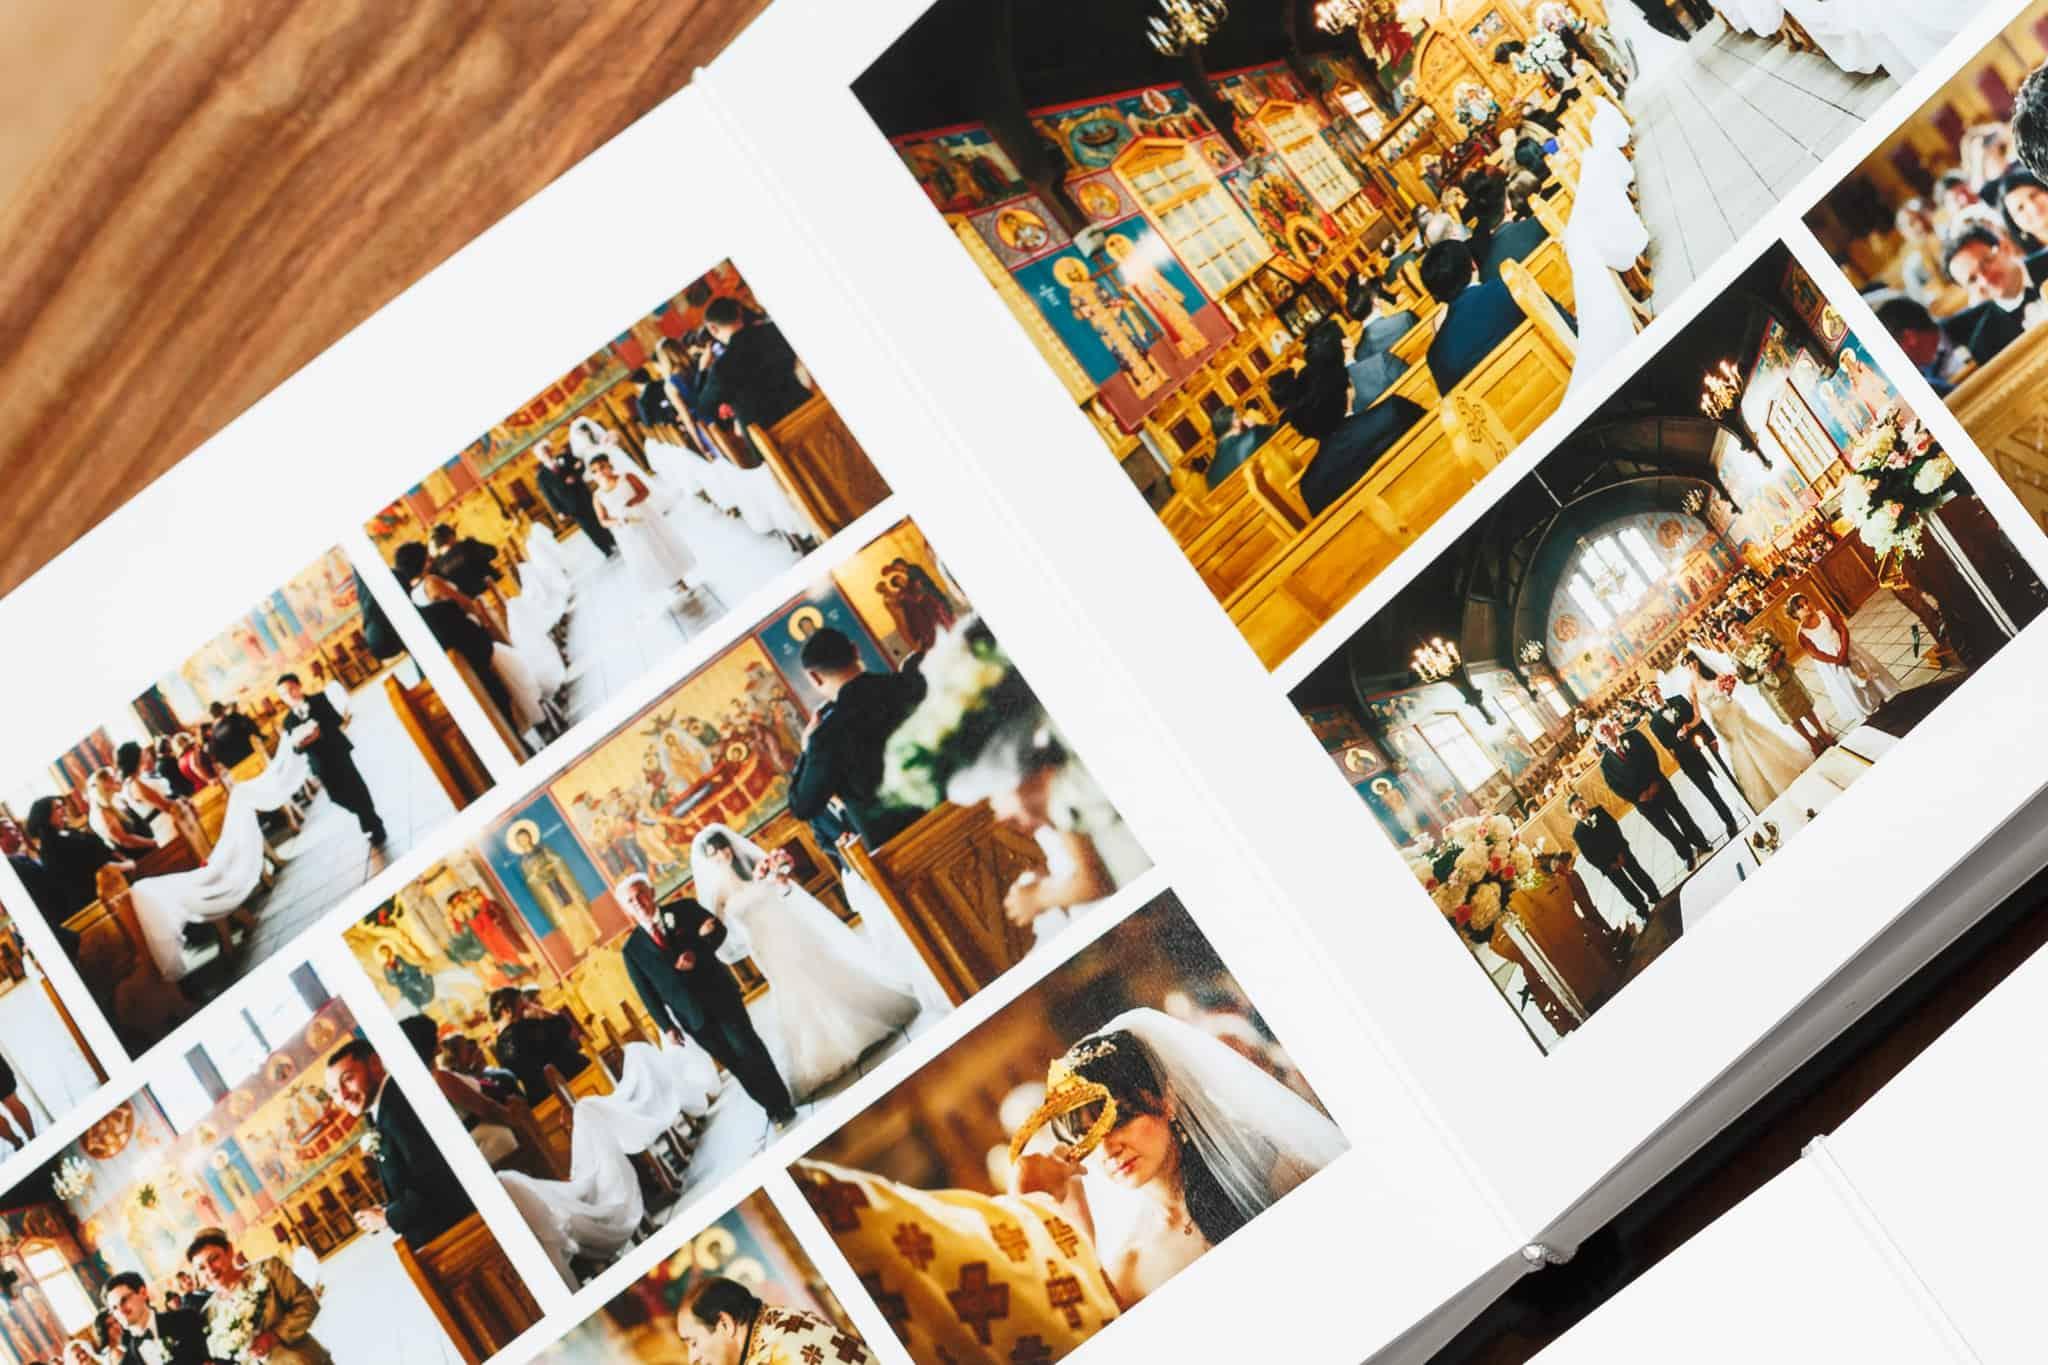 flushmount wedding photo album on wood surface